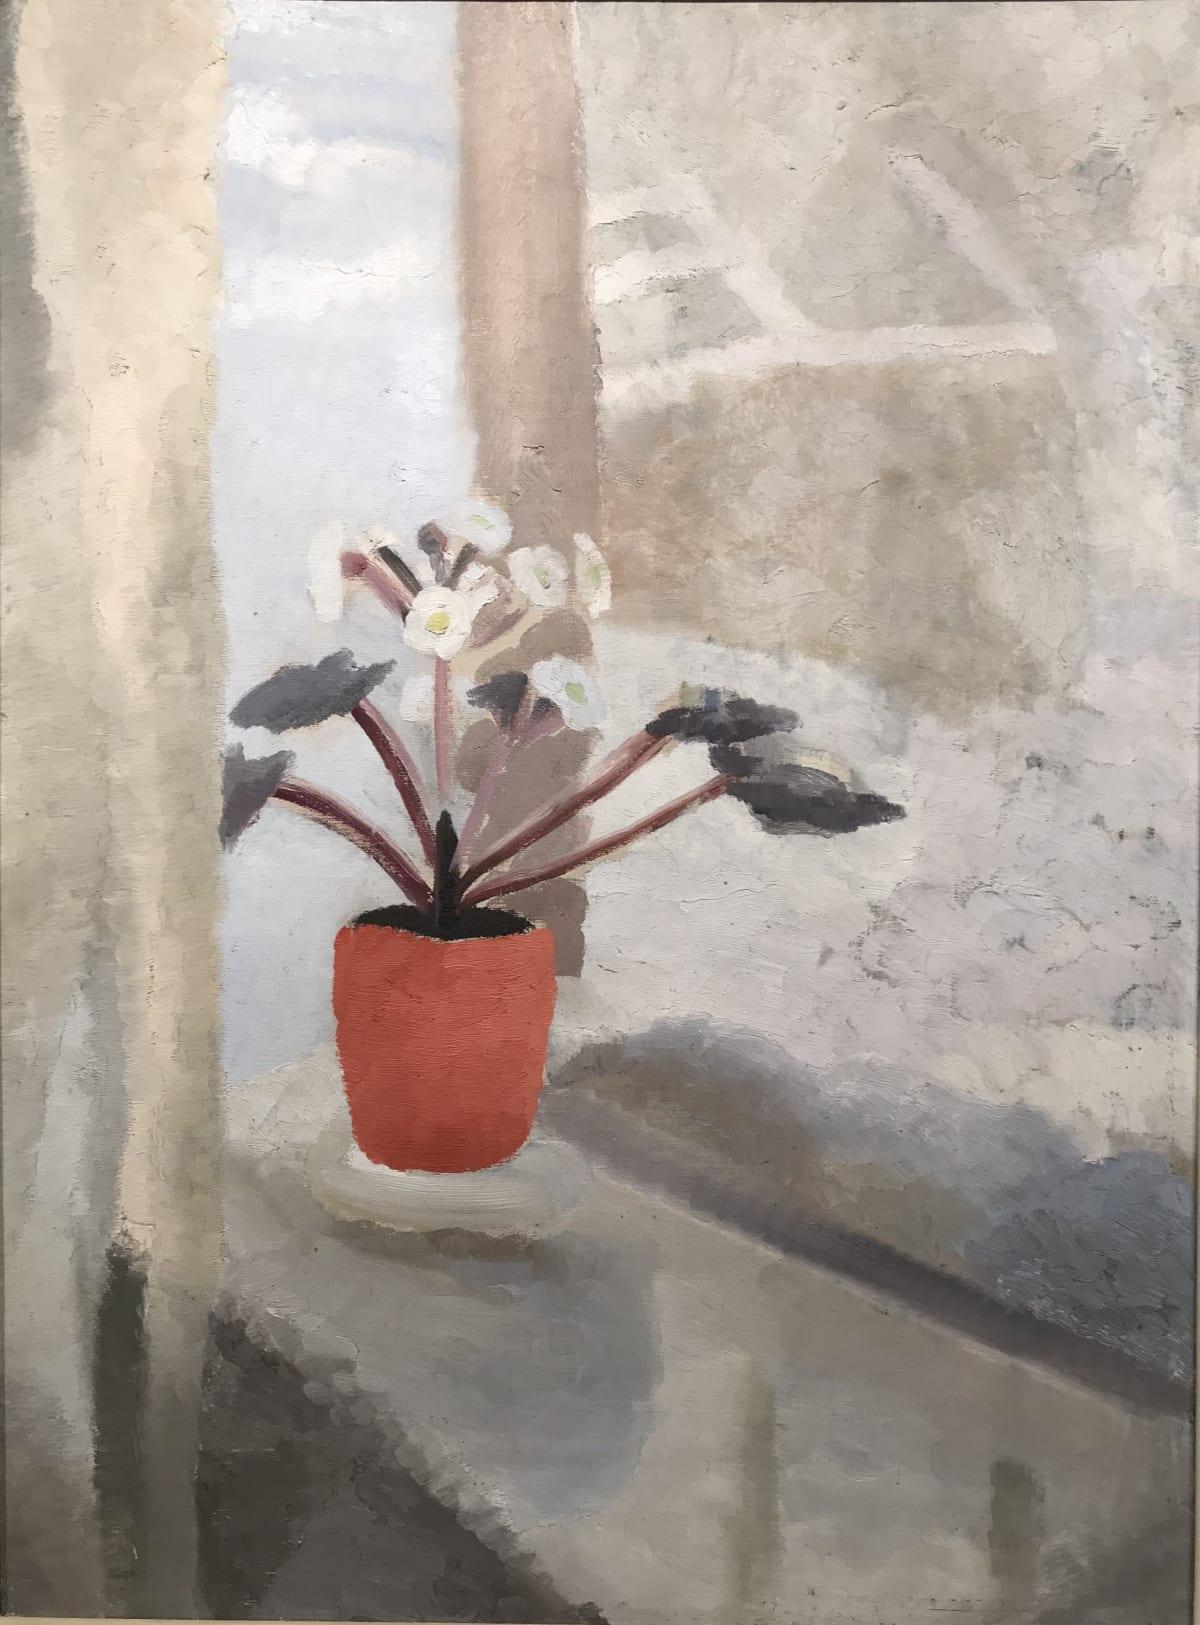 Winifred Nicholson, Winter Primula, 1940